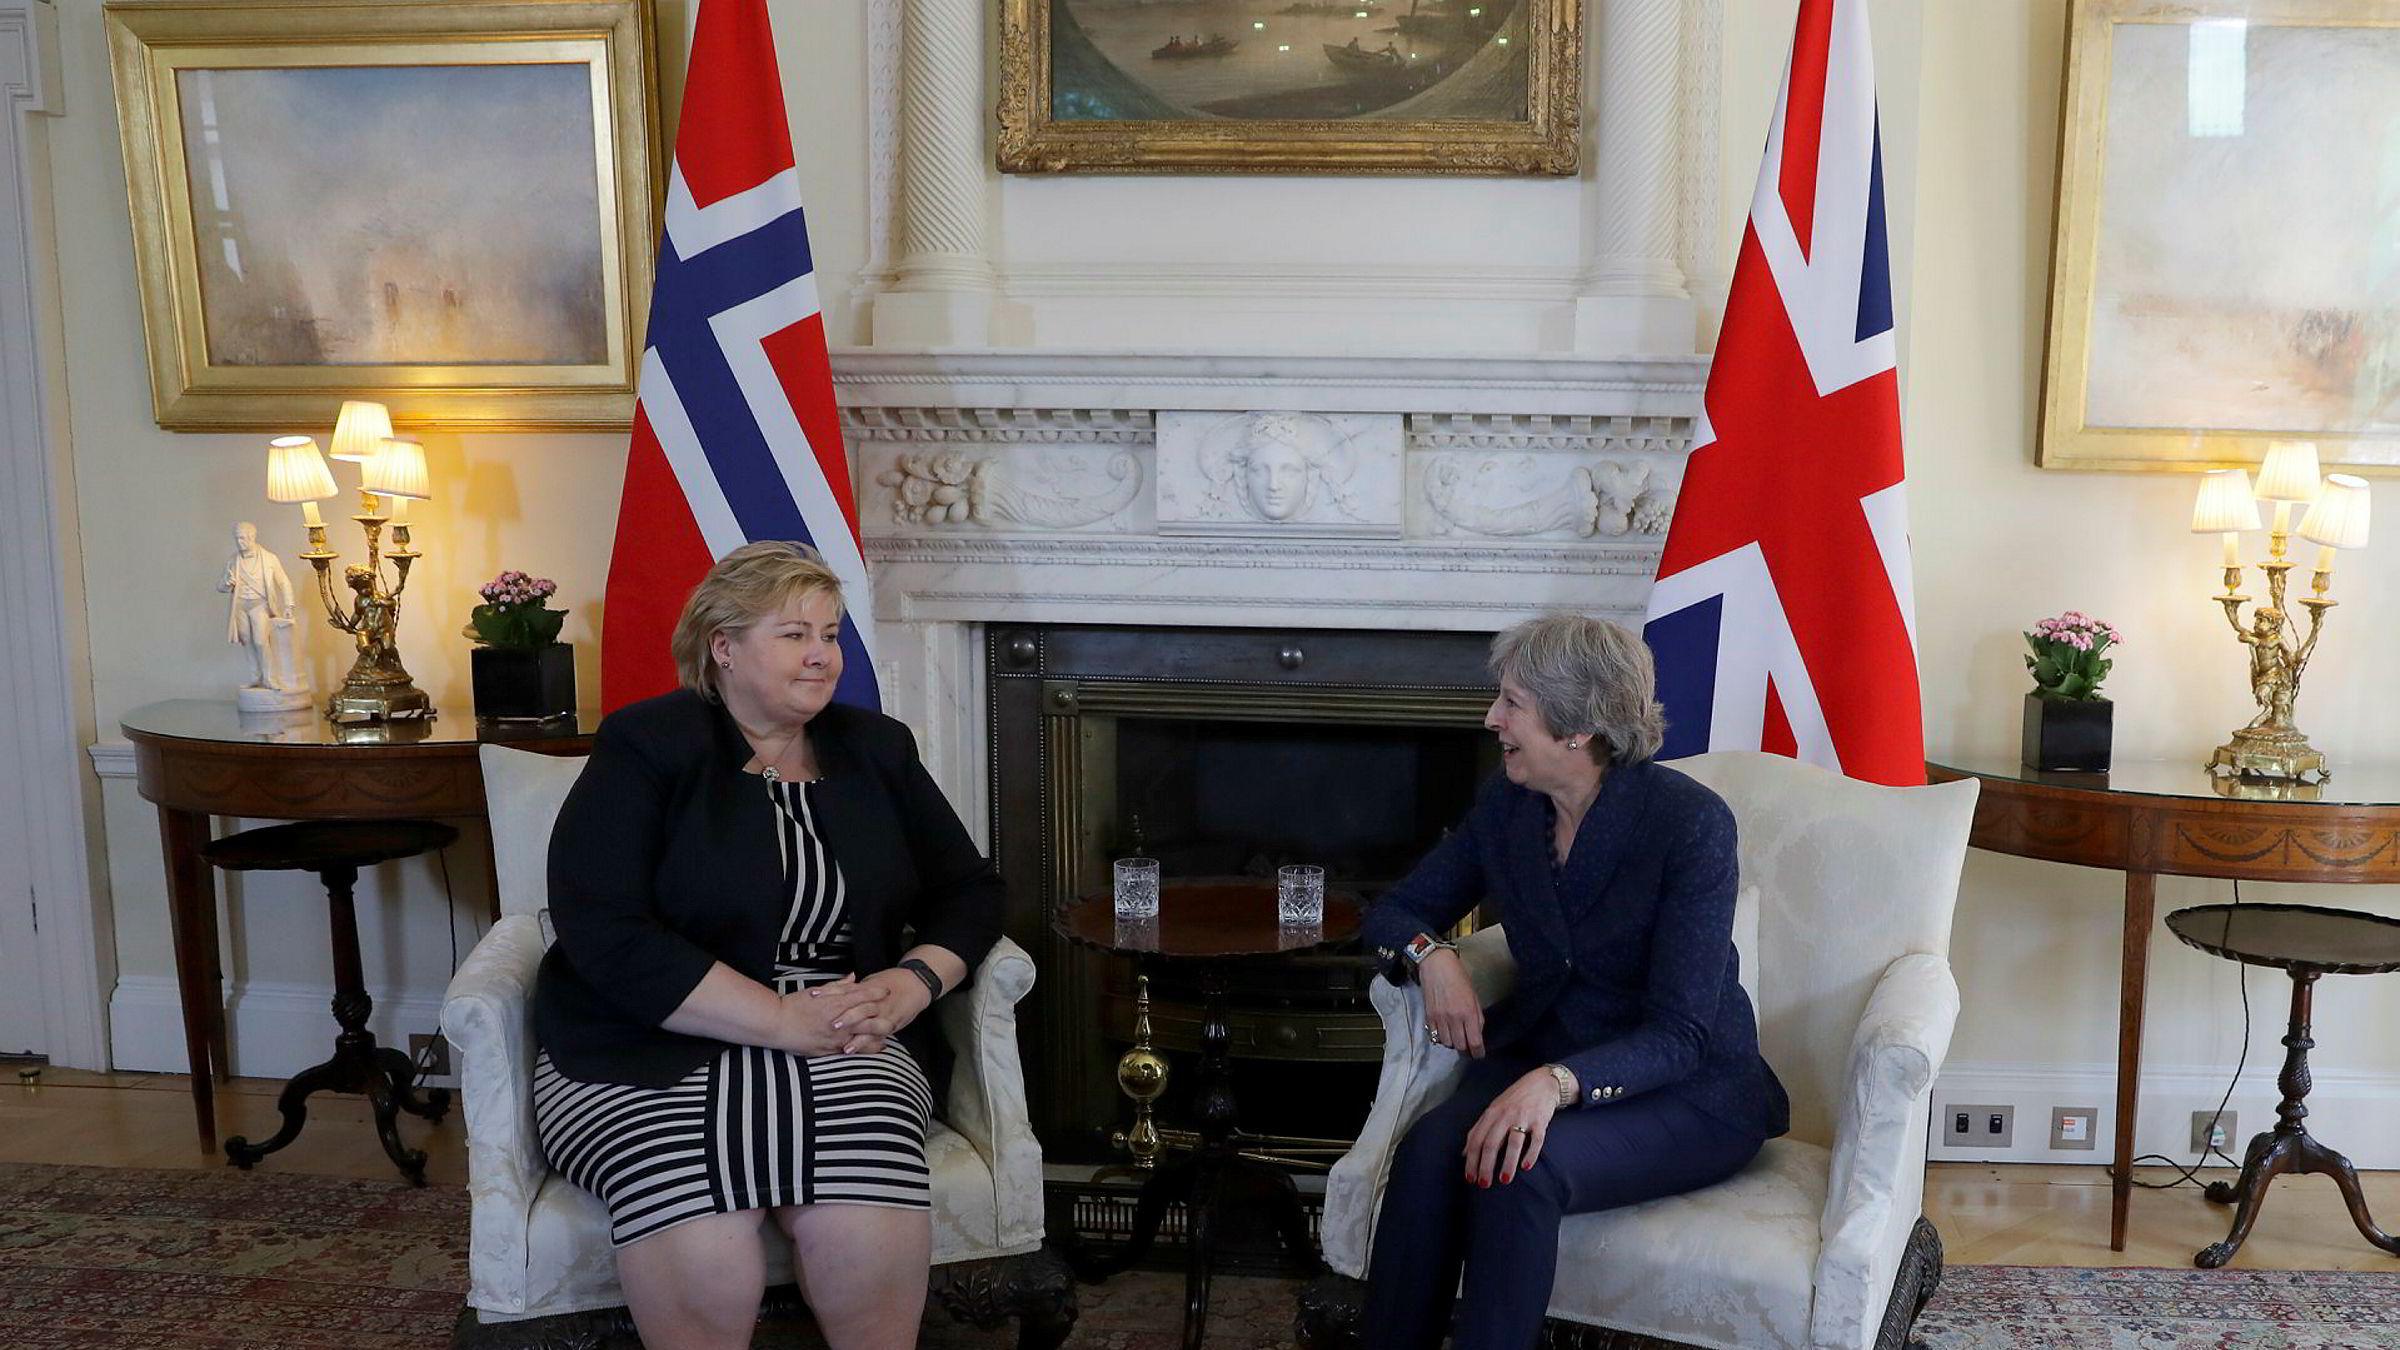 Statsminister Erna Solberg var onsdag på besøk hos Storbritannias statsminister Theresa May i Downing Street.